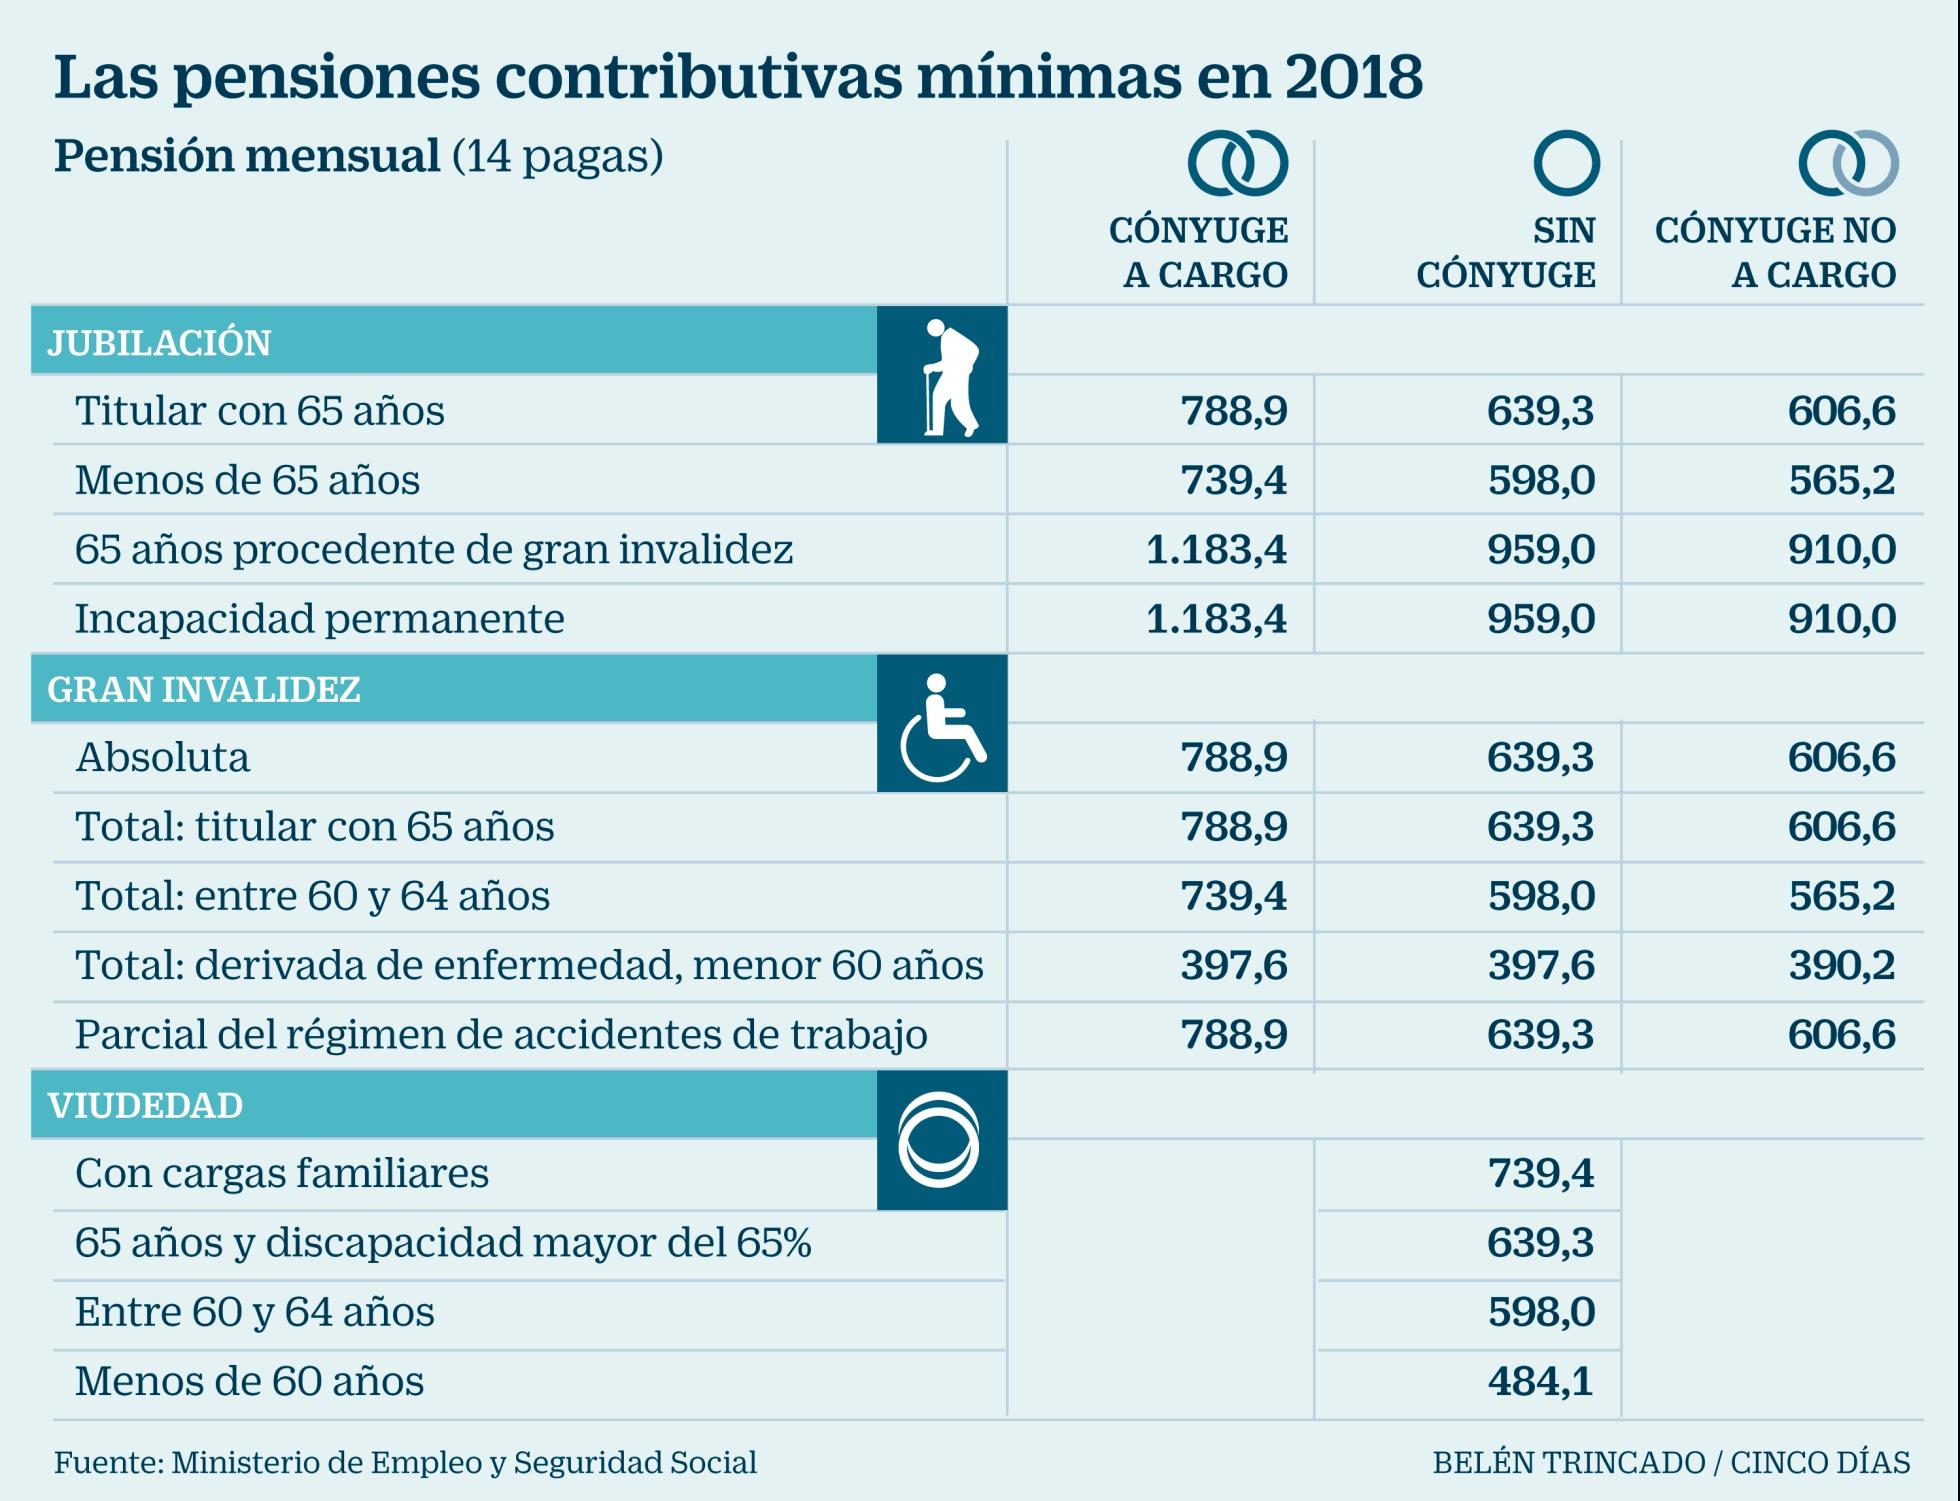 """Pensiones, jubilad@s. Continuidad en el """"damos y quitamos"""". Aumento de la privatización. La OCDE y el FMI por disminuirlas, retrasarlas...   - Página 8 1514460088_762735_1514483021_noticia_normal_recorte1"""